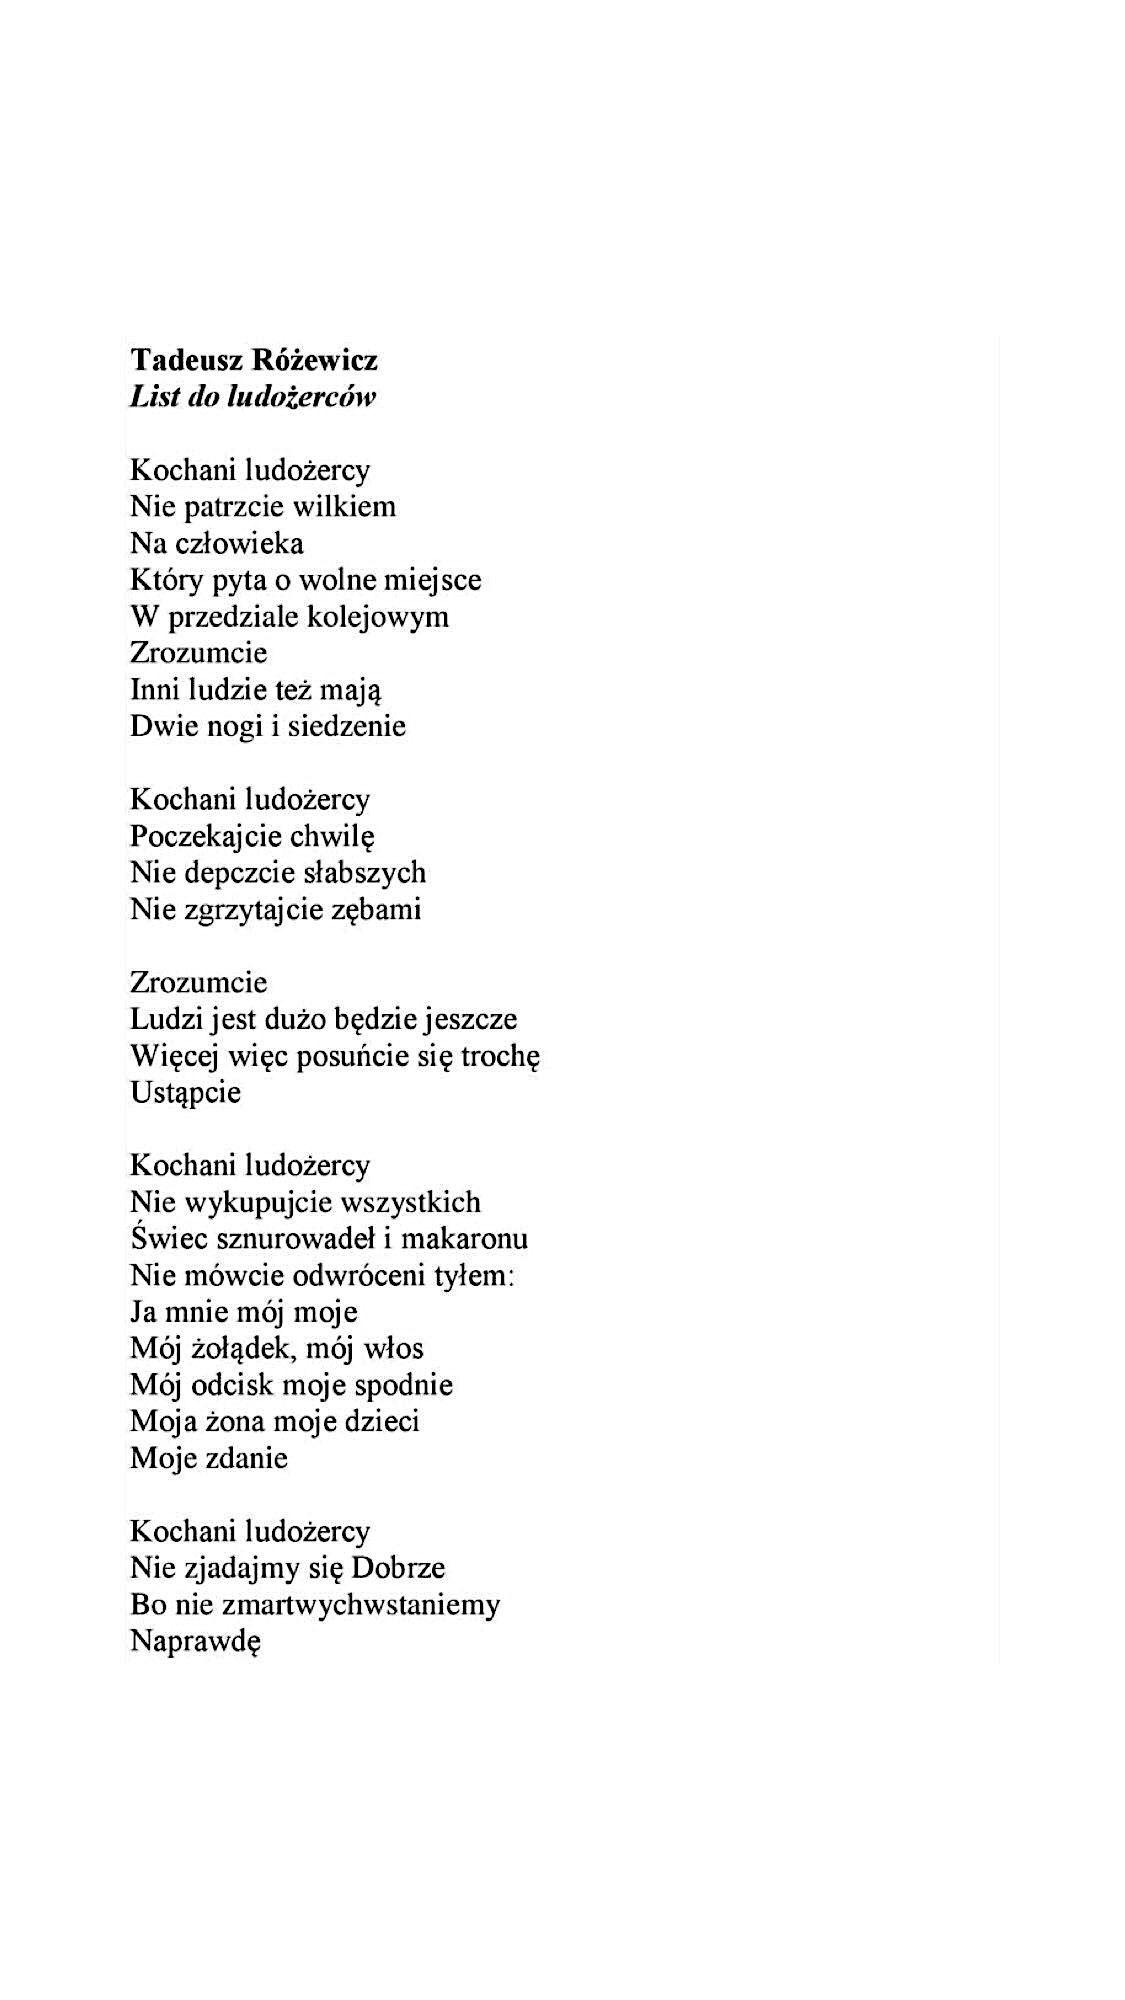 Tadeusz Różewicz List Do Ludożerców Prawdziwe Cytaty